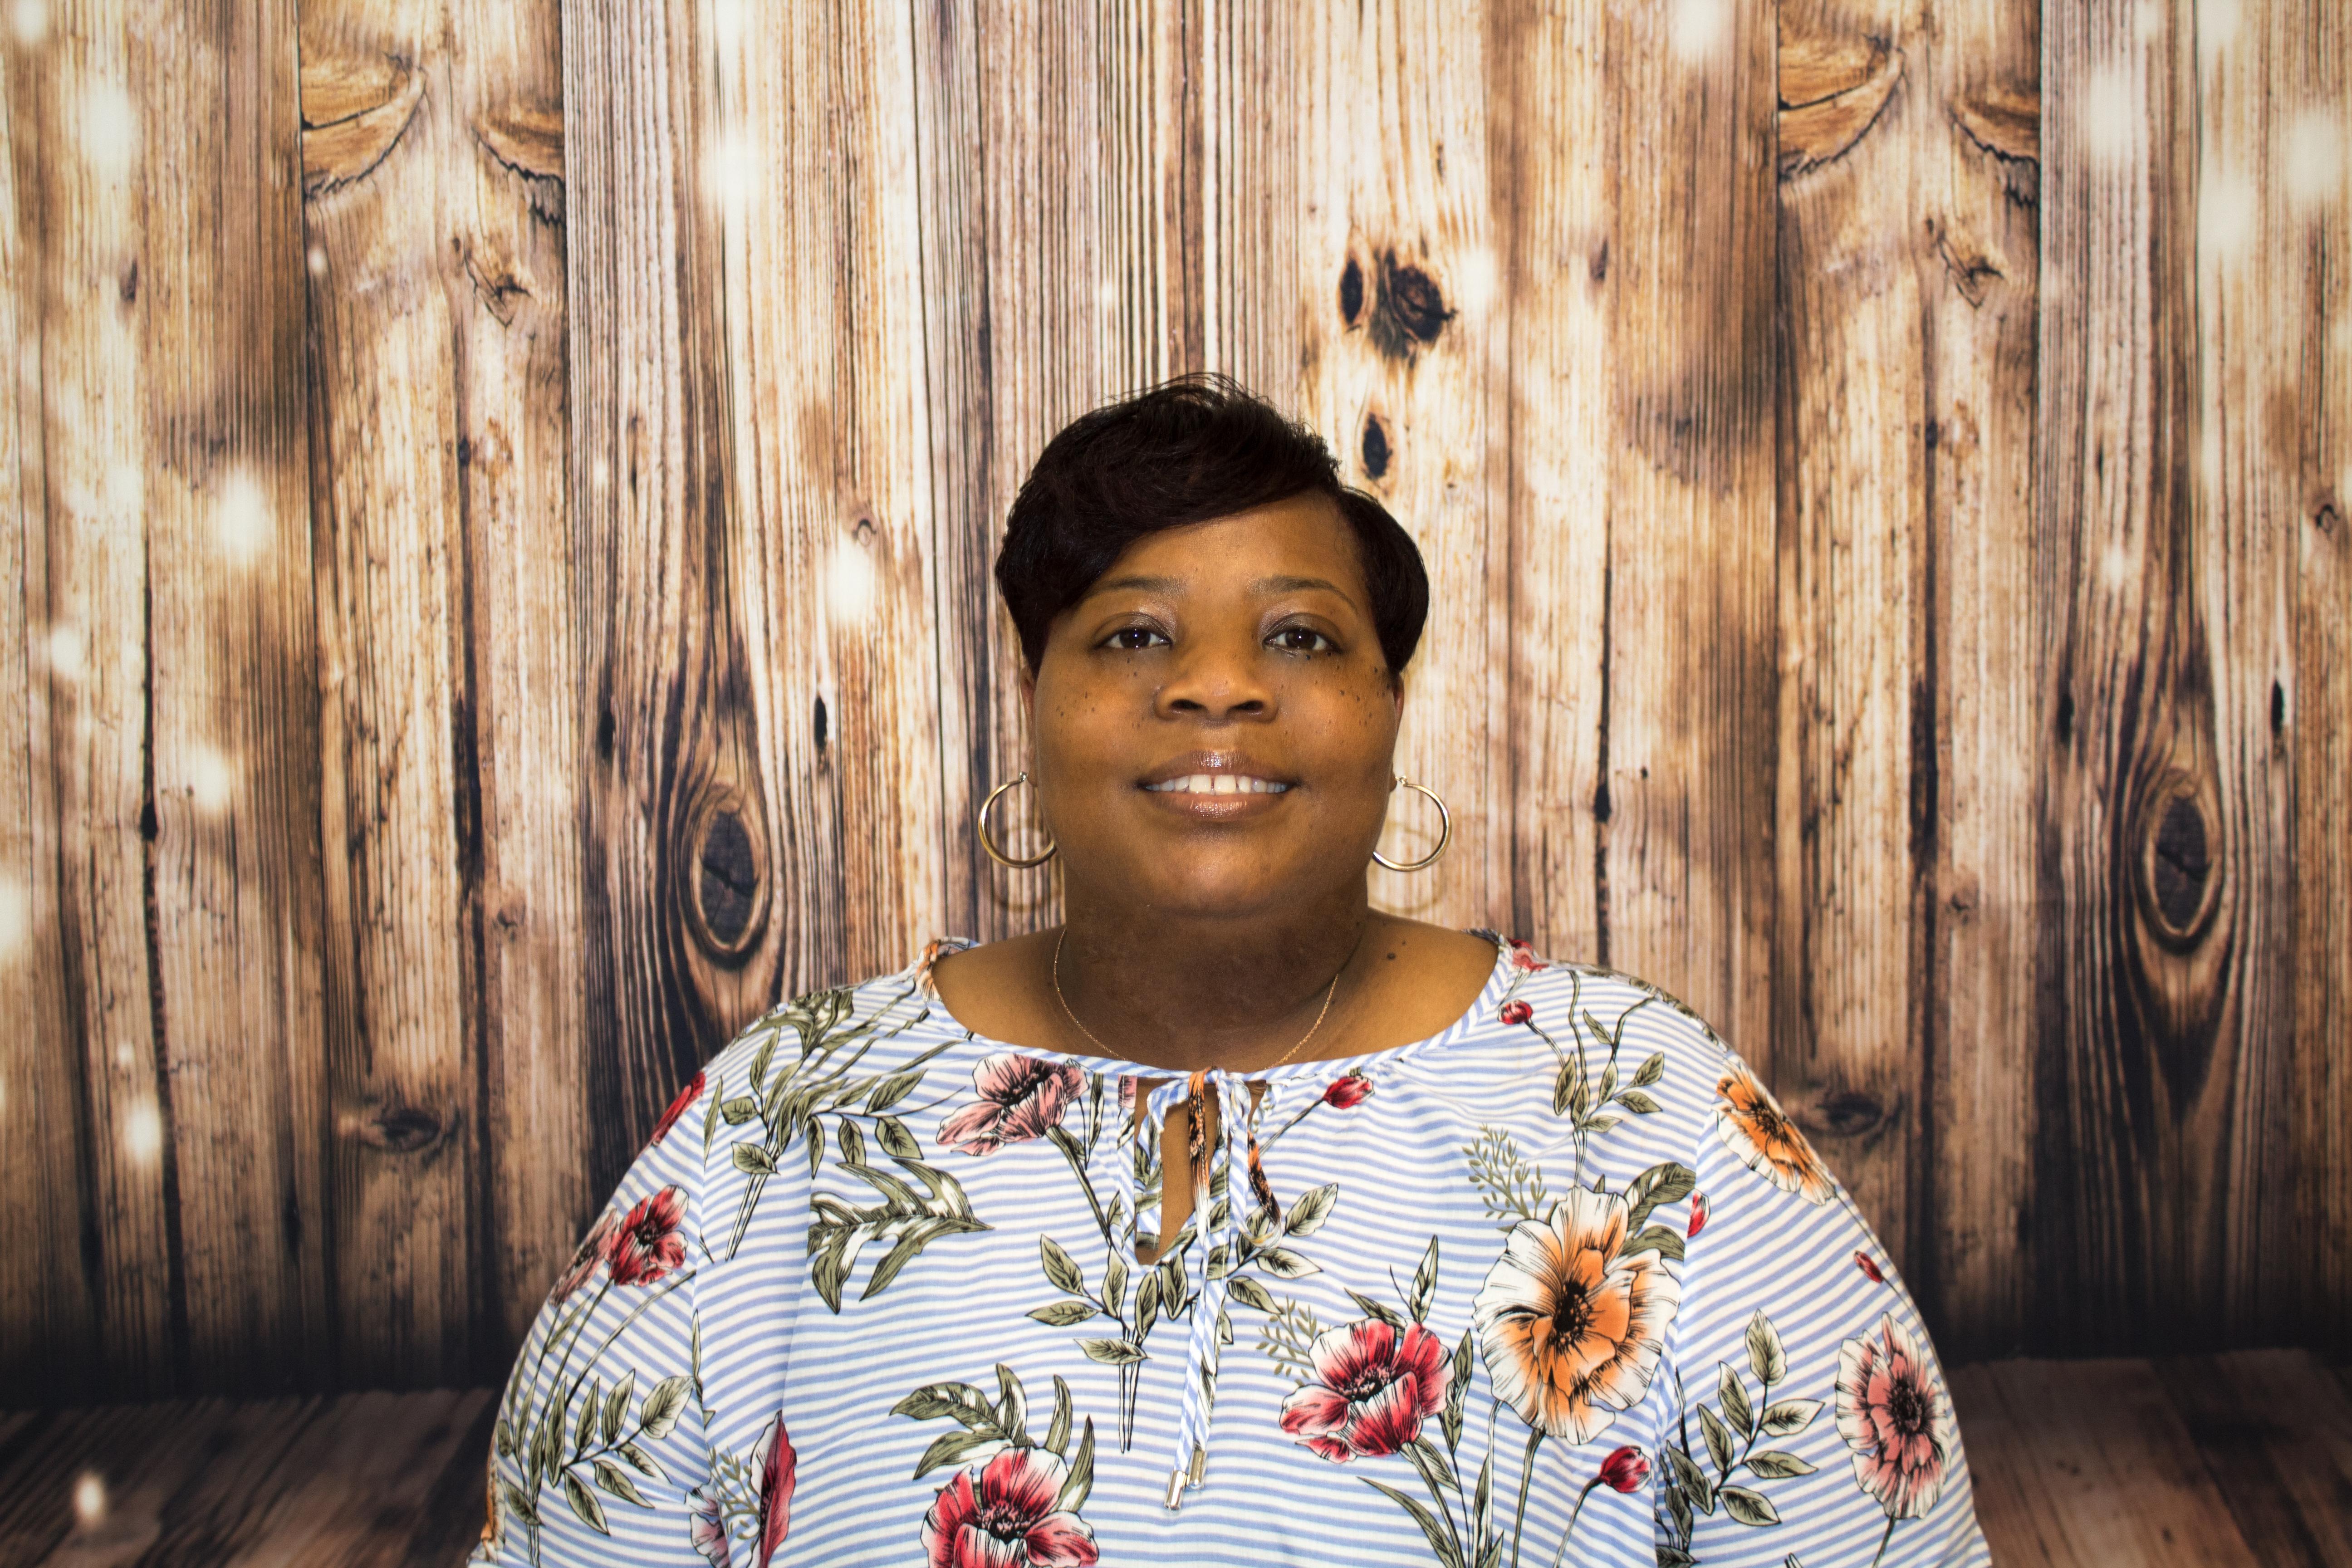 Tabitha Hall-Dunlap